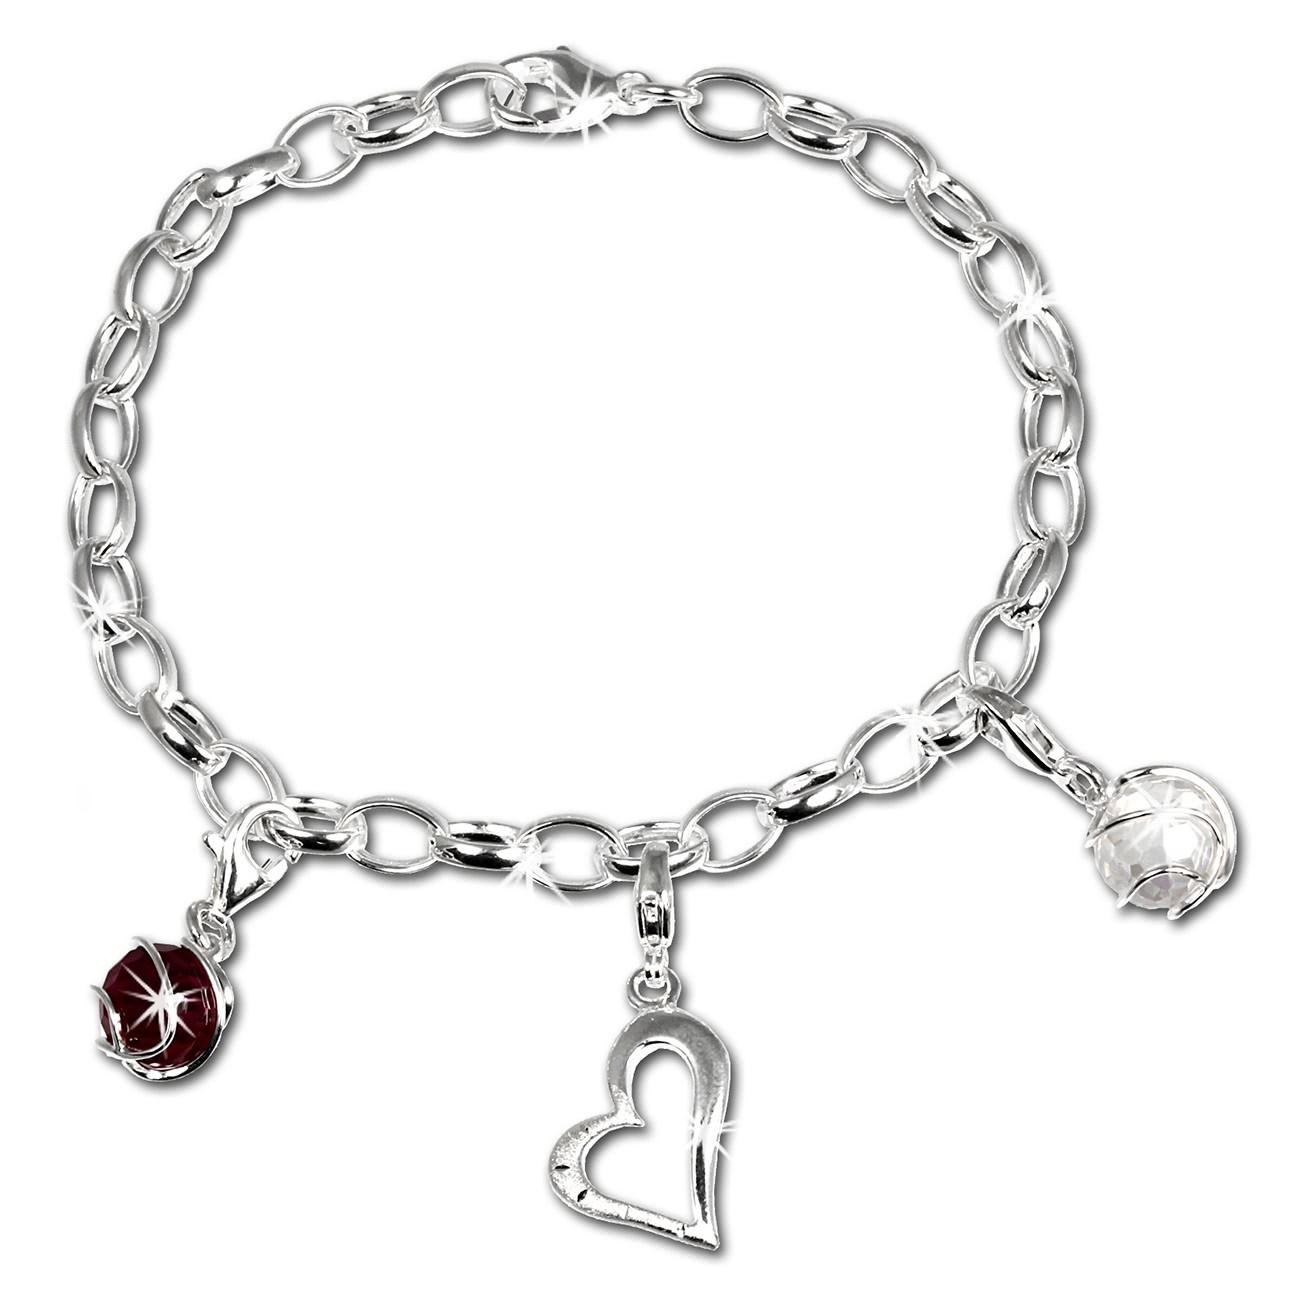 SilberDream Charm Set Liebe 925er Silber Armband Anhänger FCA300